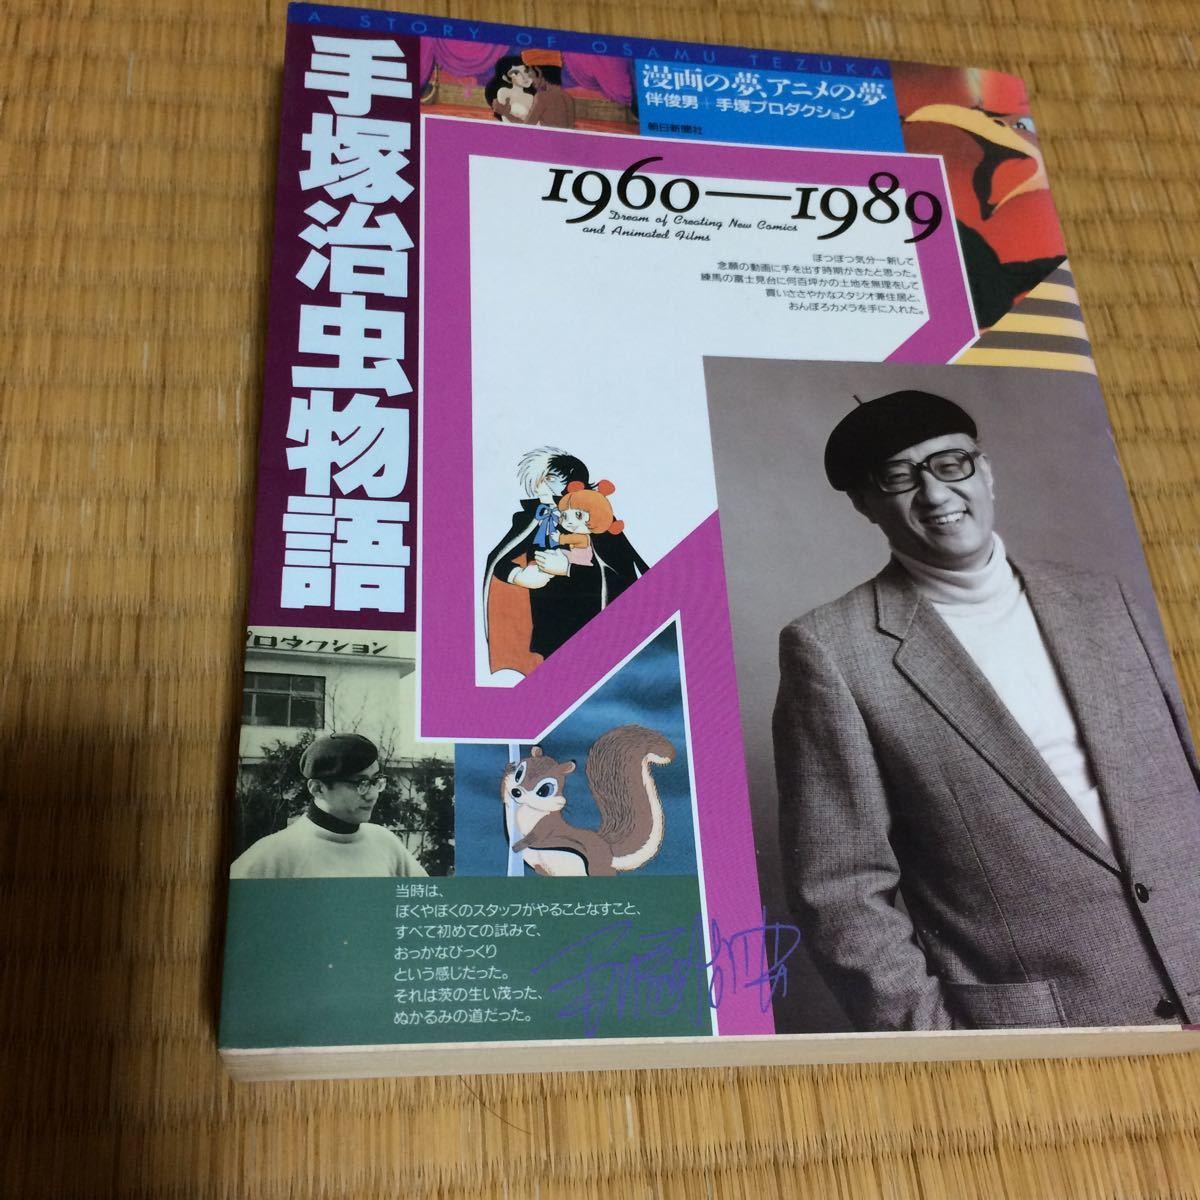 手塚治虫物語 1960〜1989